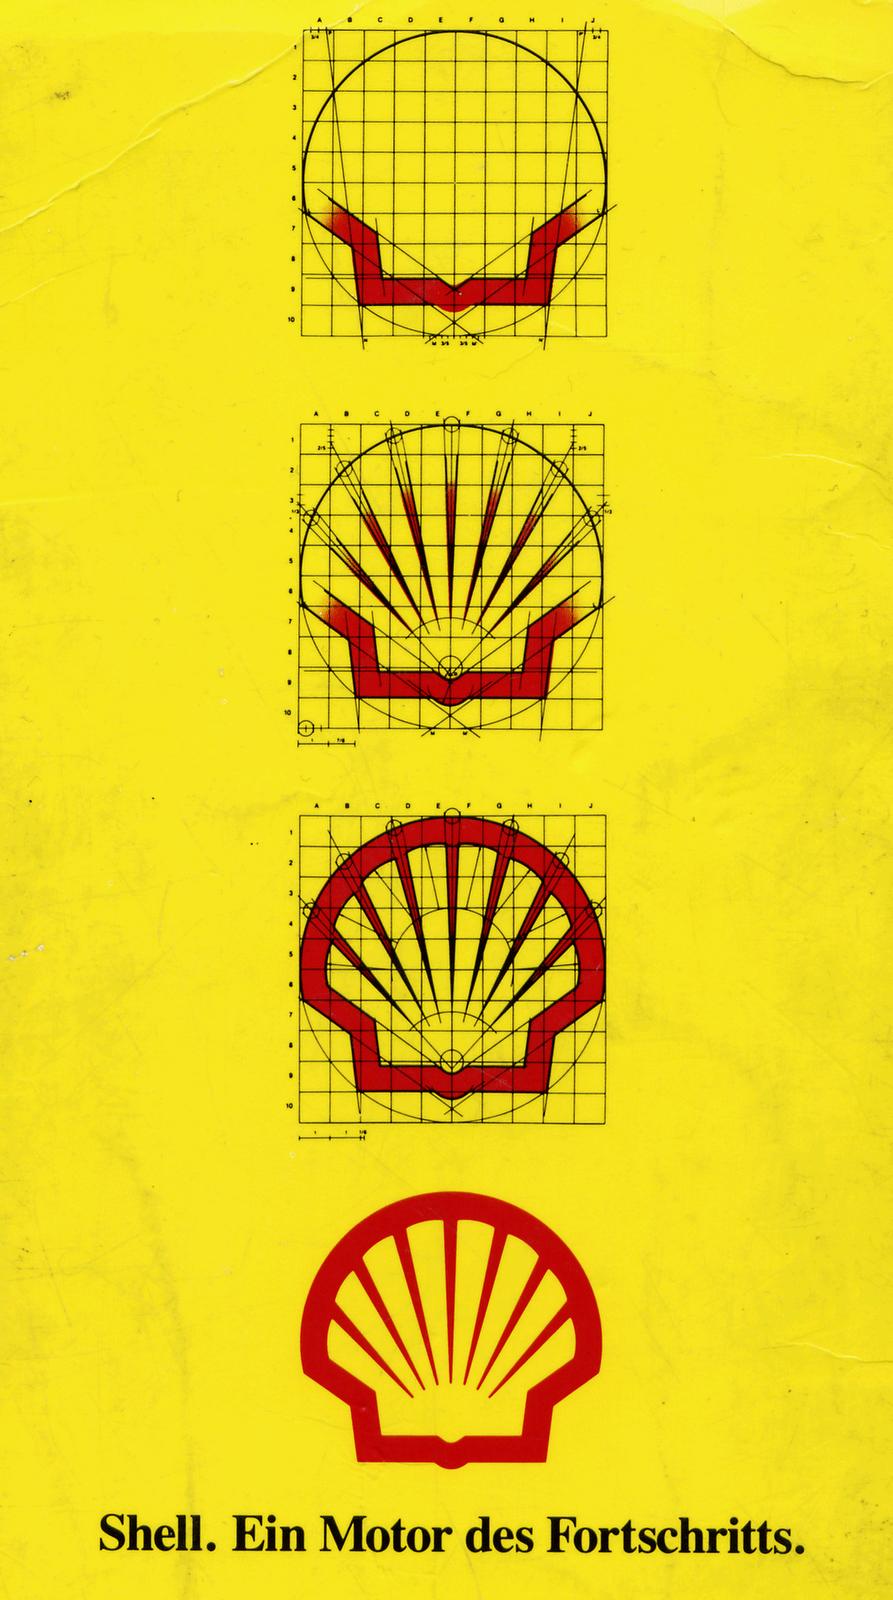 Shell Logo Raymond Loewy float Pinterest Raymond